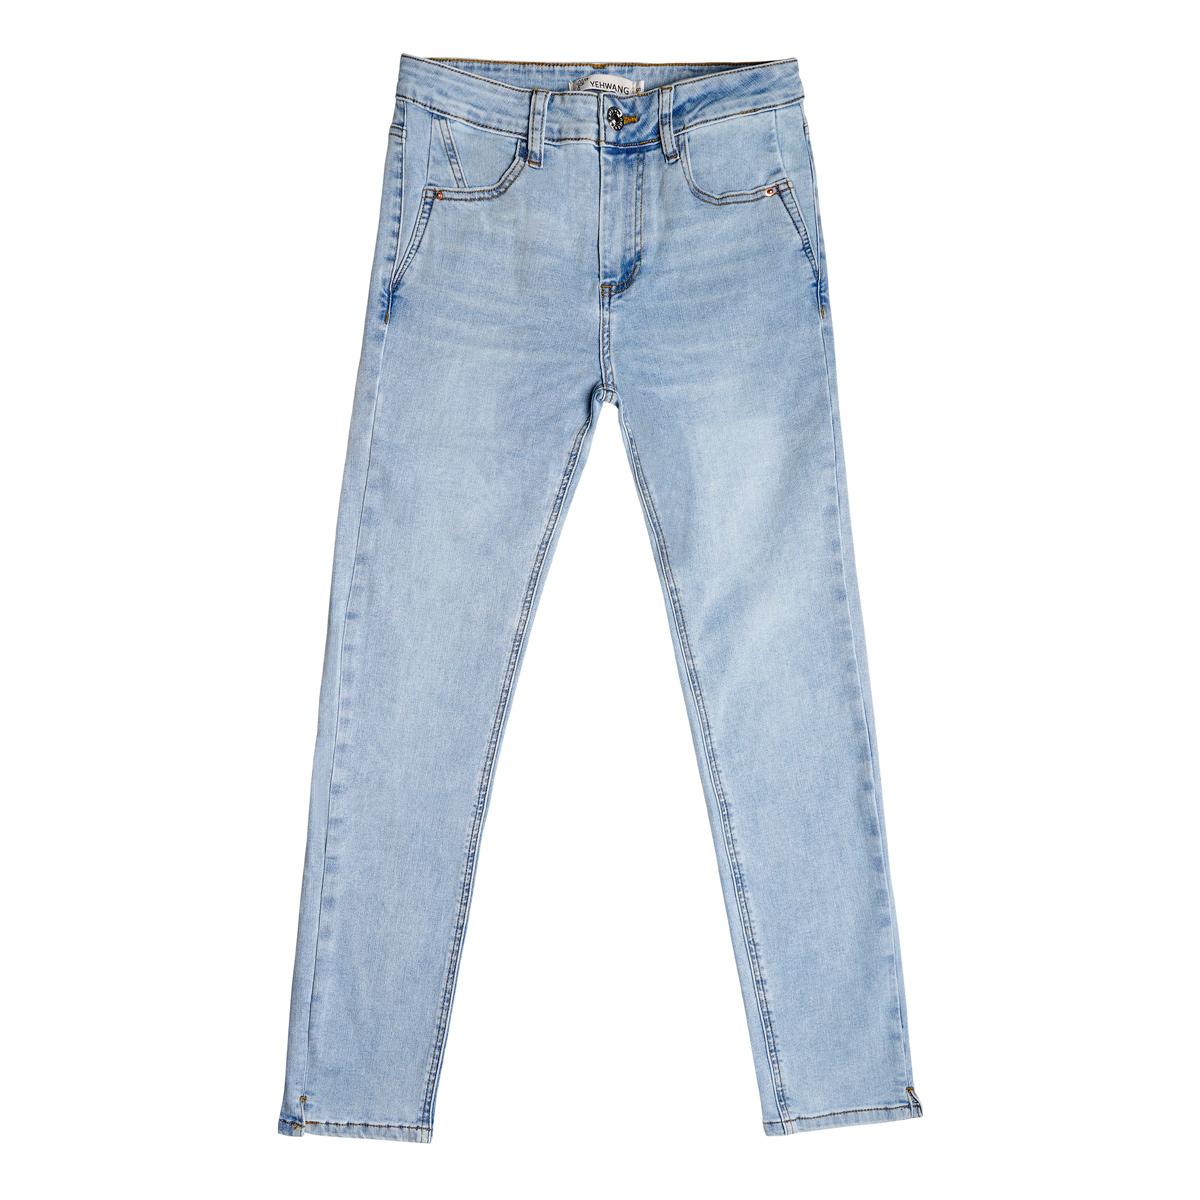 Jean bleu clair en denim extensible longueur cheville